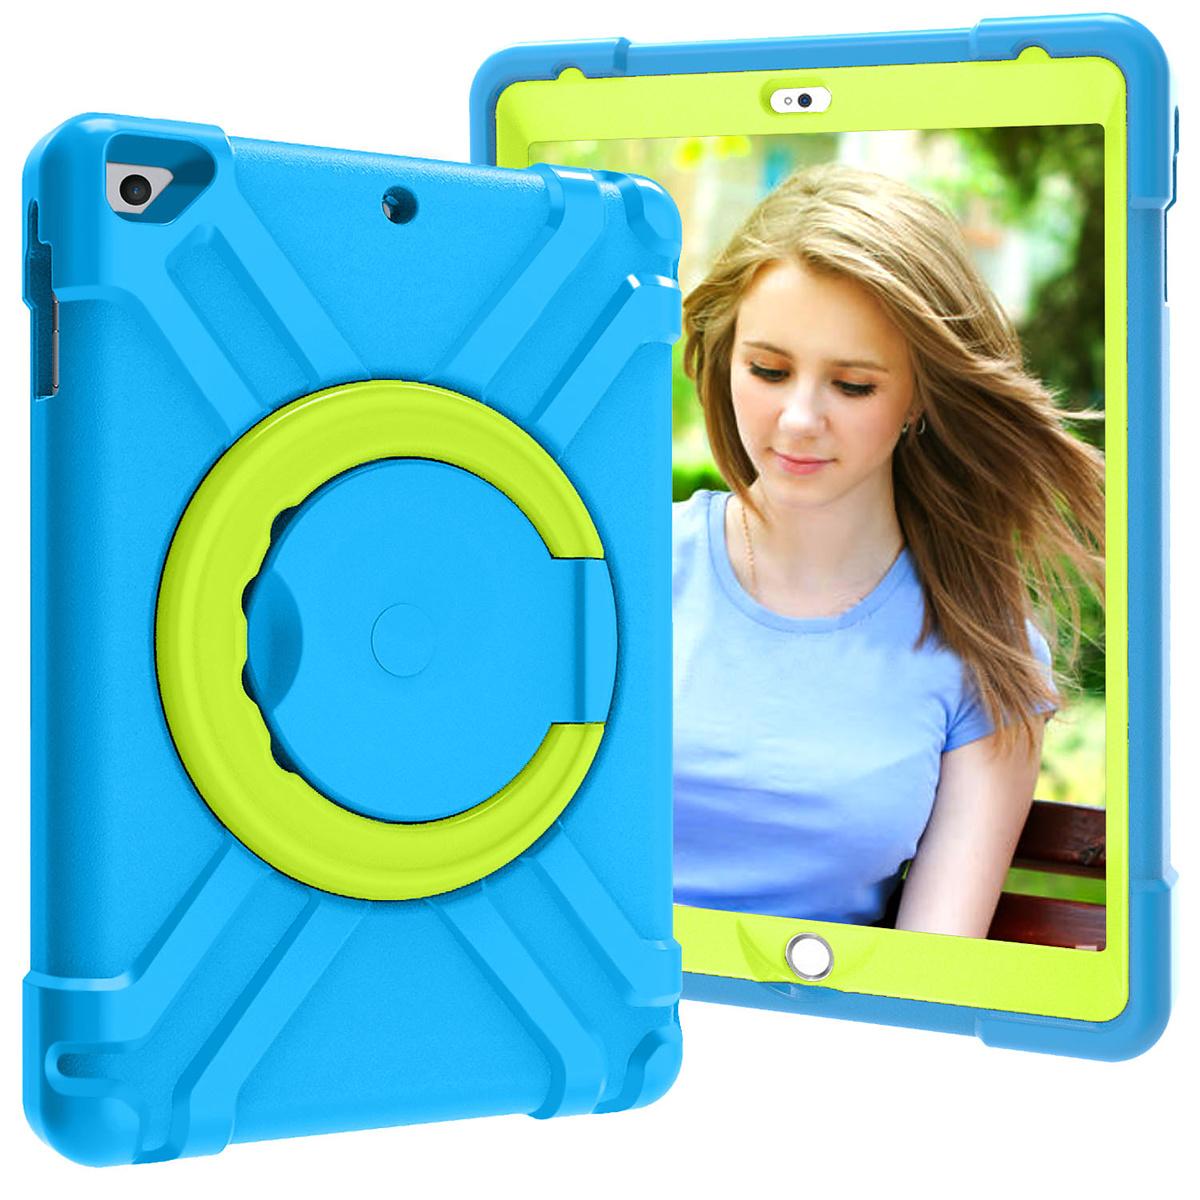 Barnfodral med ställ iPad 9.7, Air/Air2, Pro 9.7, blå/grön